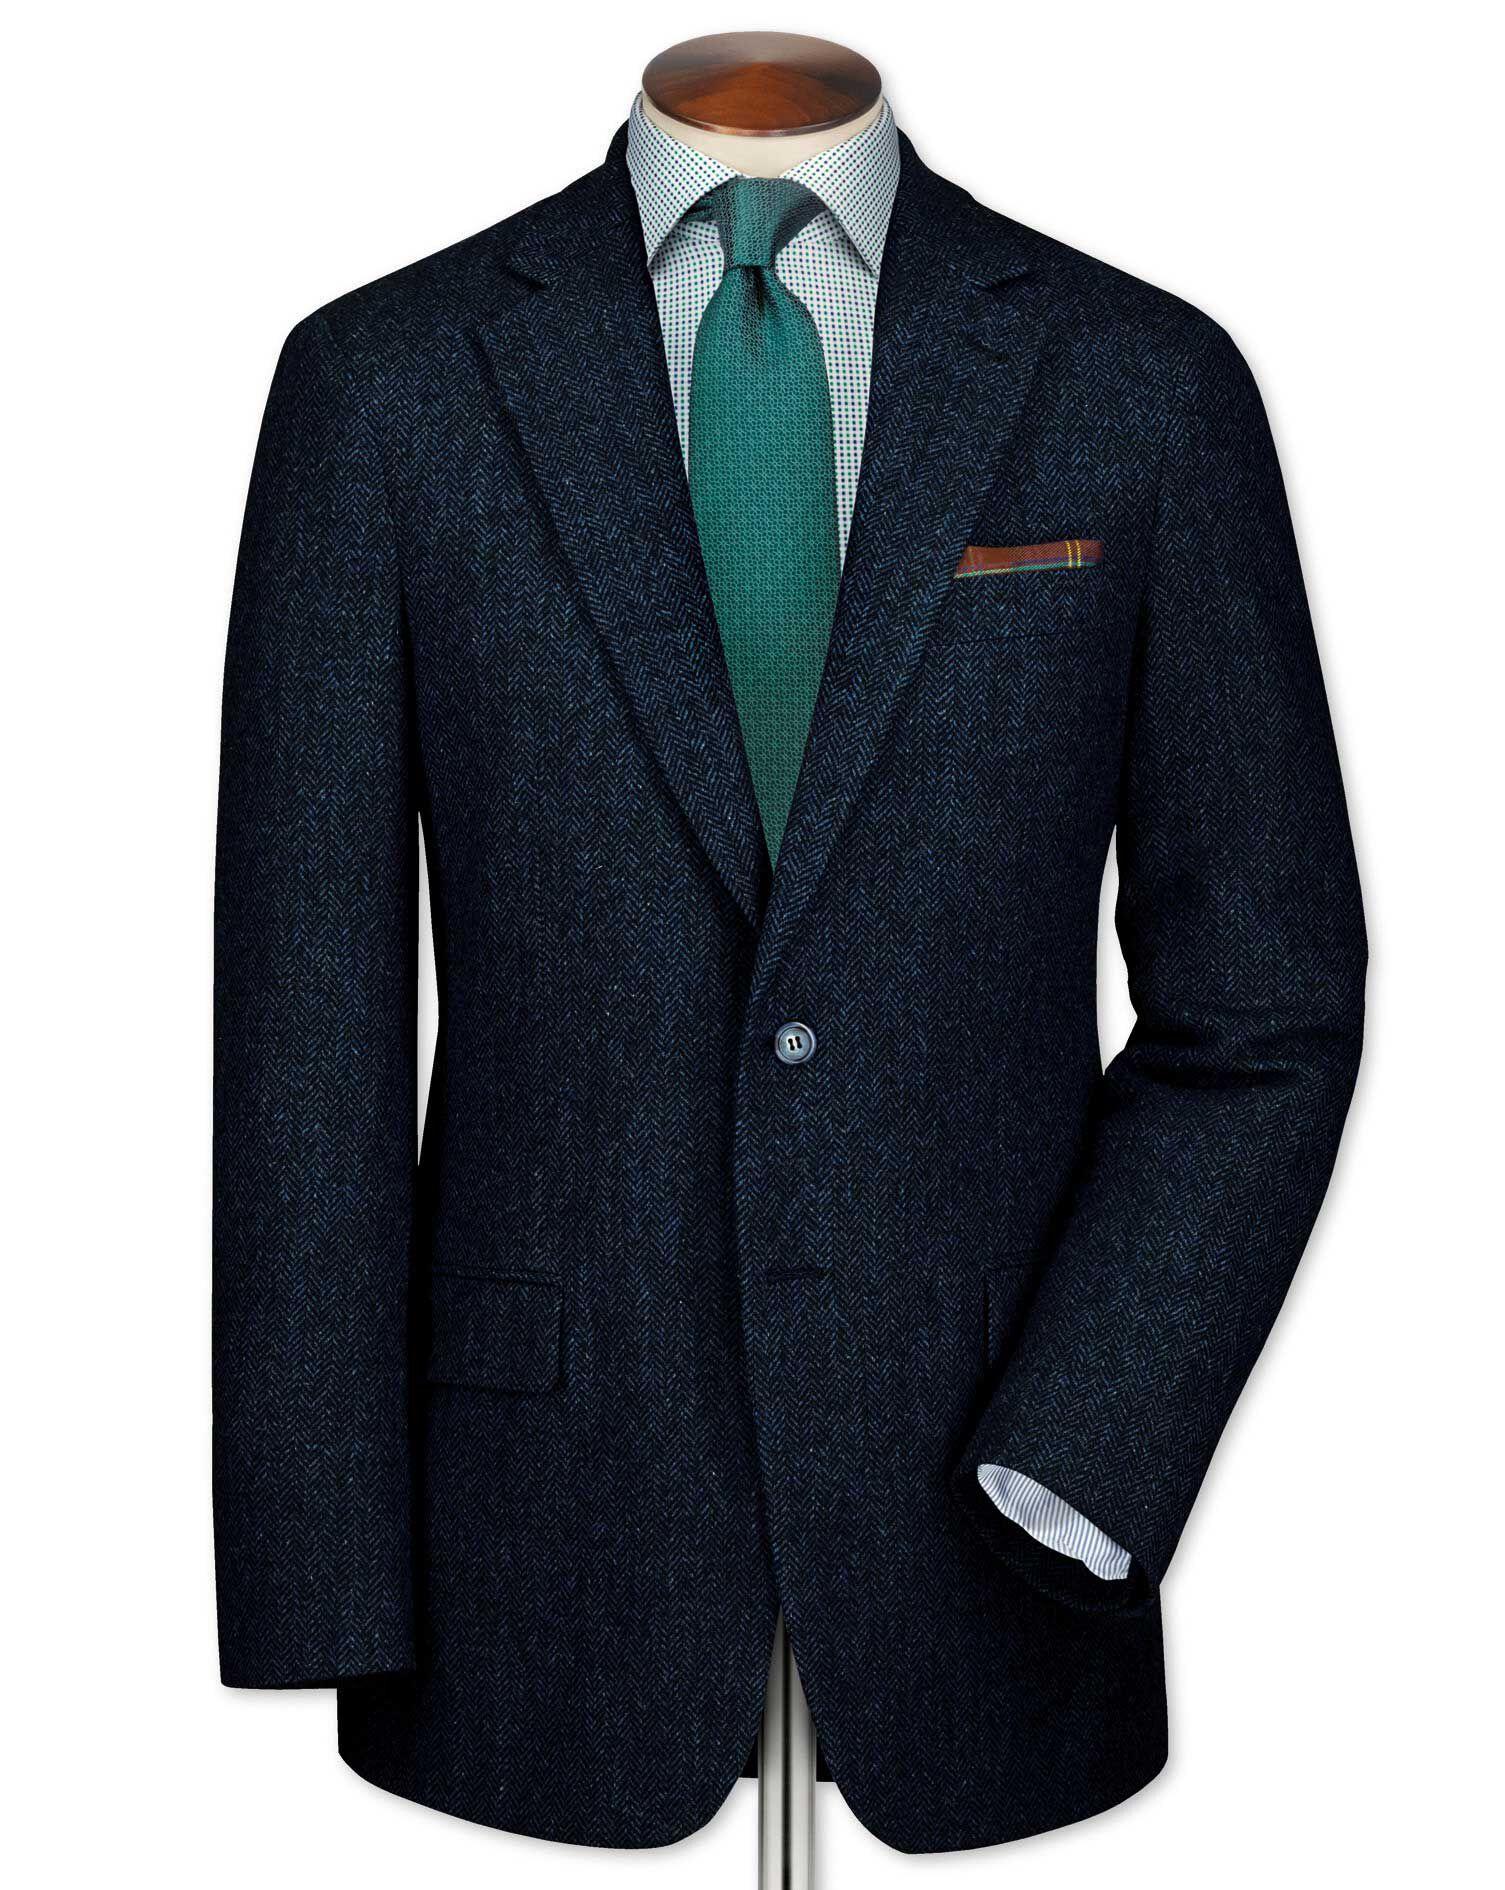 Slim Fit Blue Tweed Wool Jacket Size 38 Regular by Charles Tyrwhitt